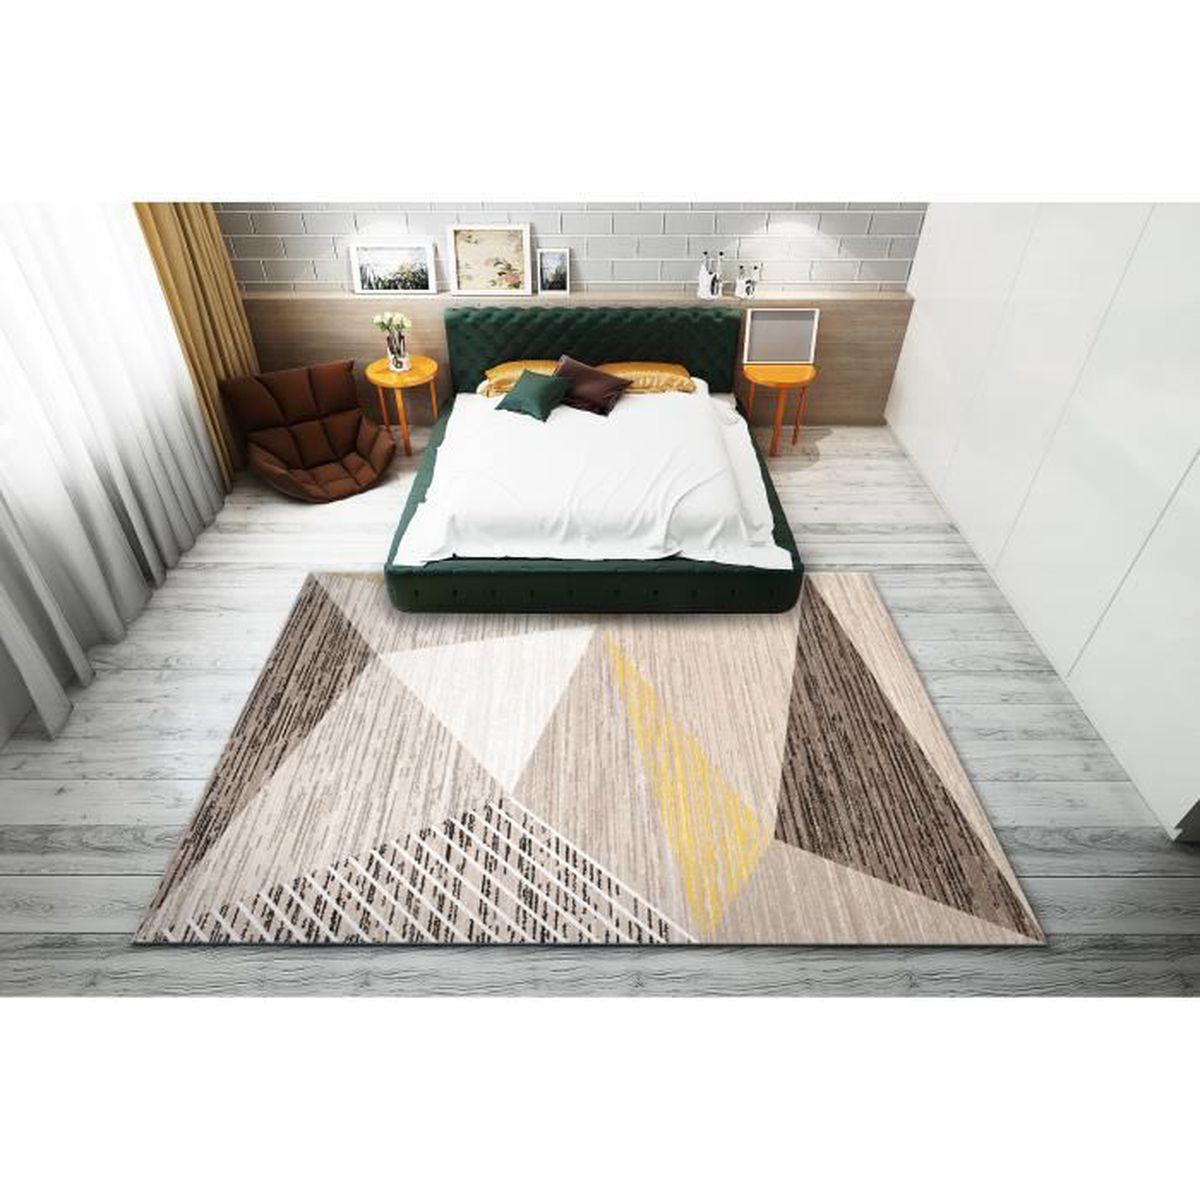 Tapis Salon Couleur Rouille tapis de maison décoration120*160cm chambre salon grand motif rayé triangle  fibre de polyester